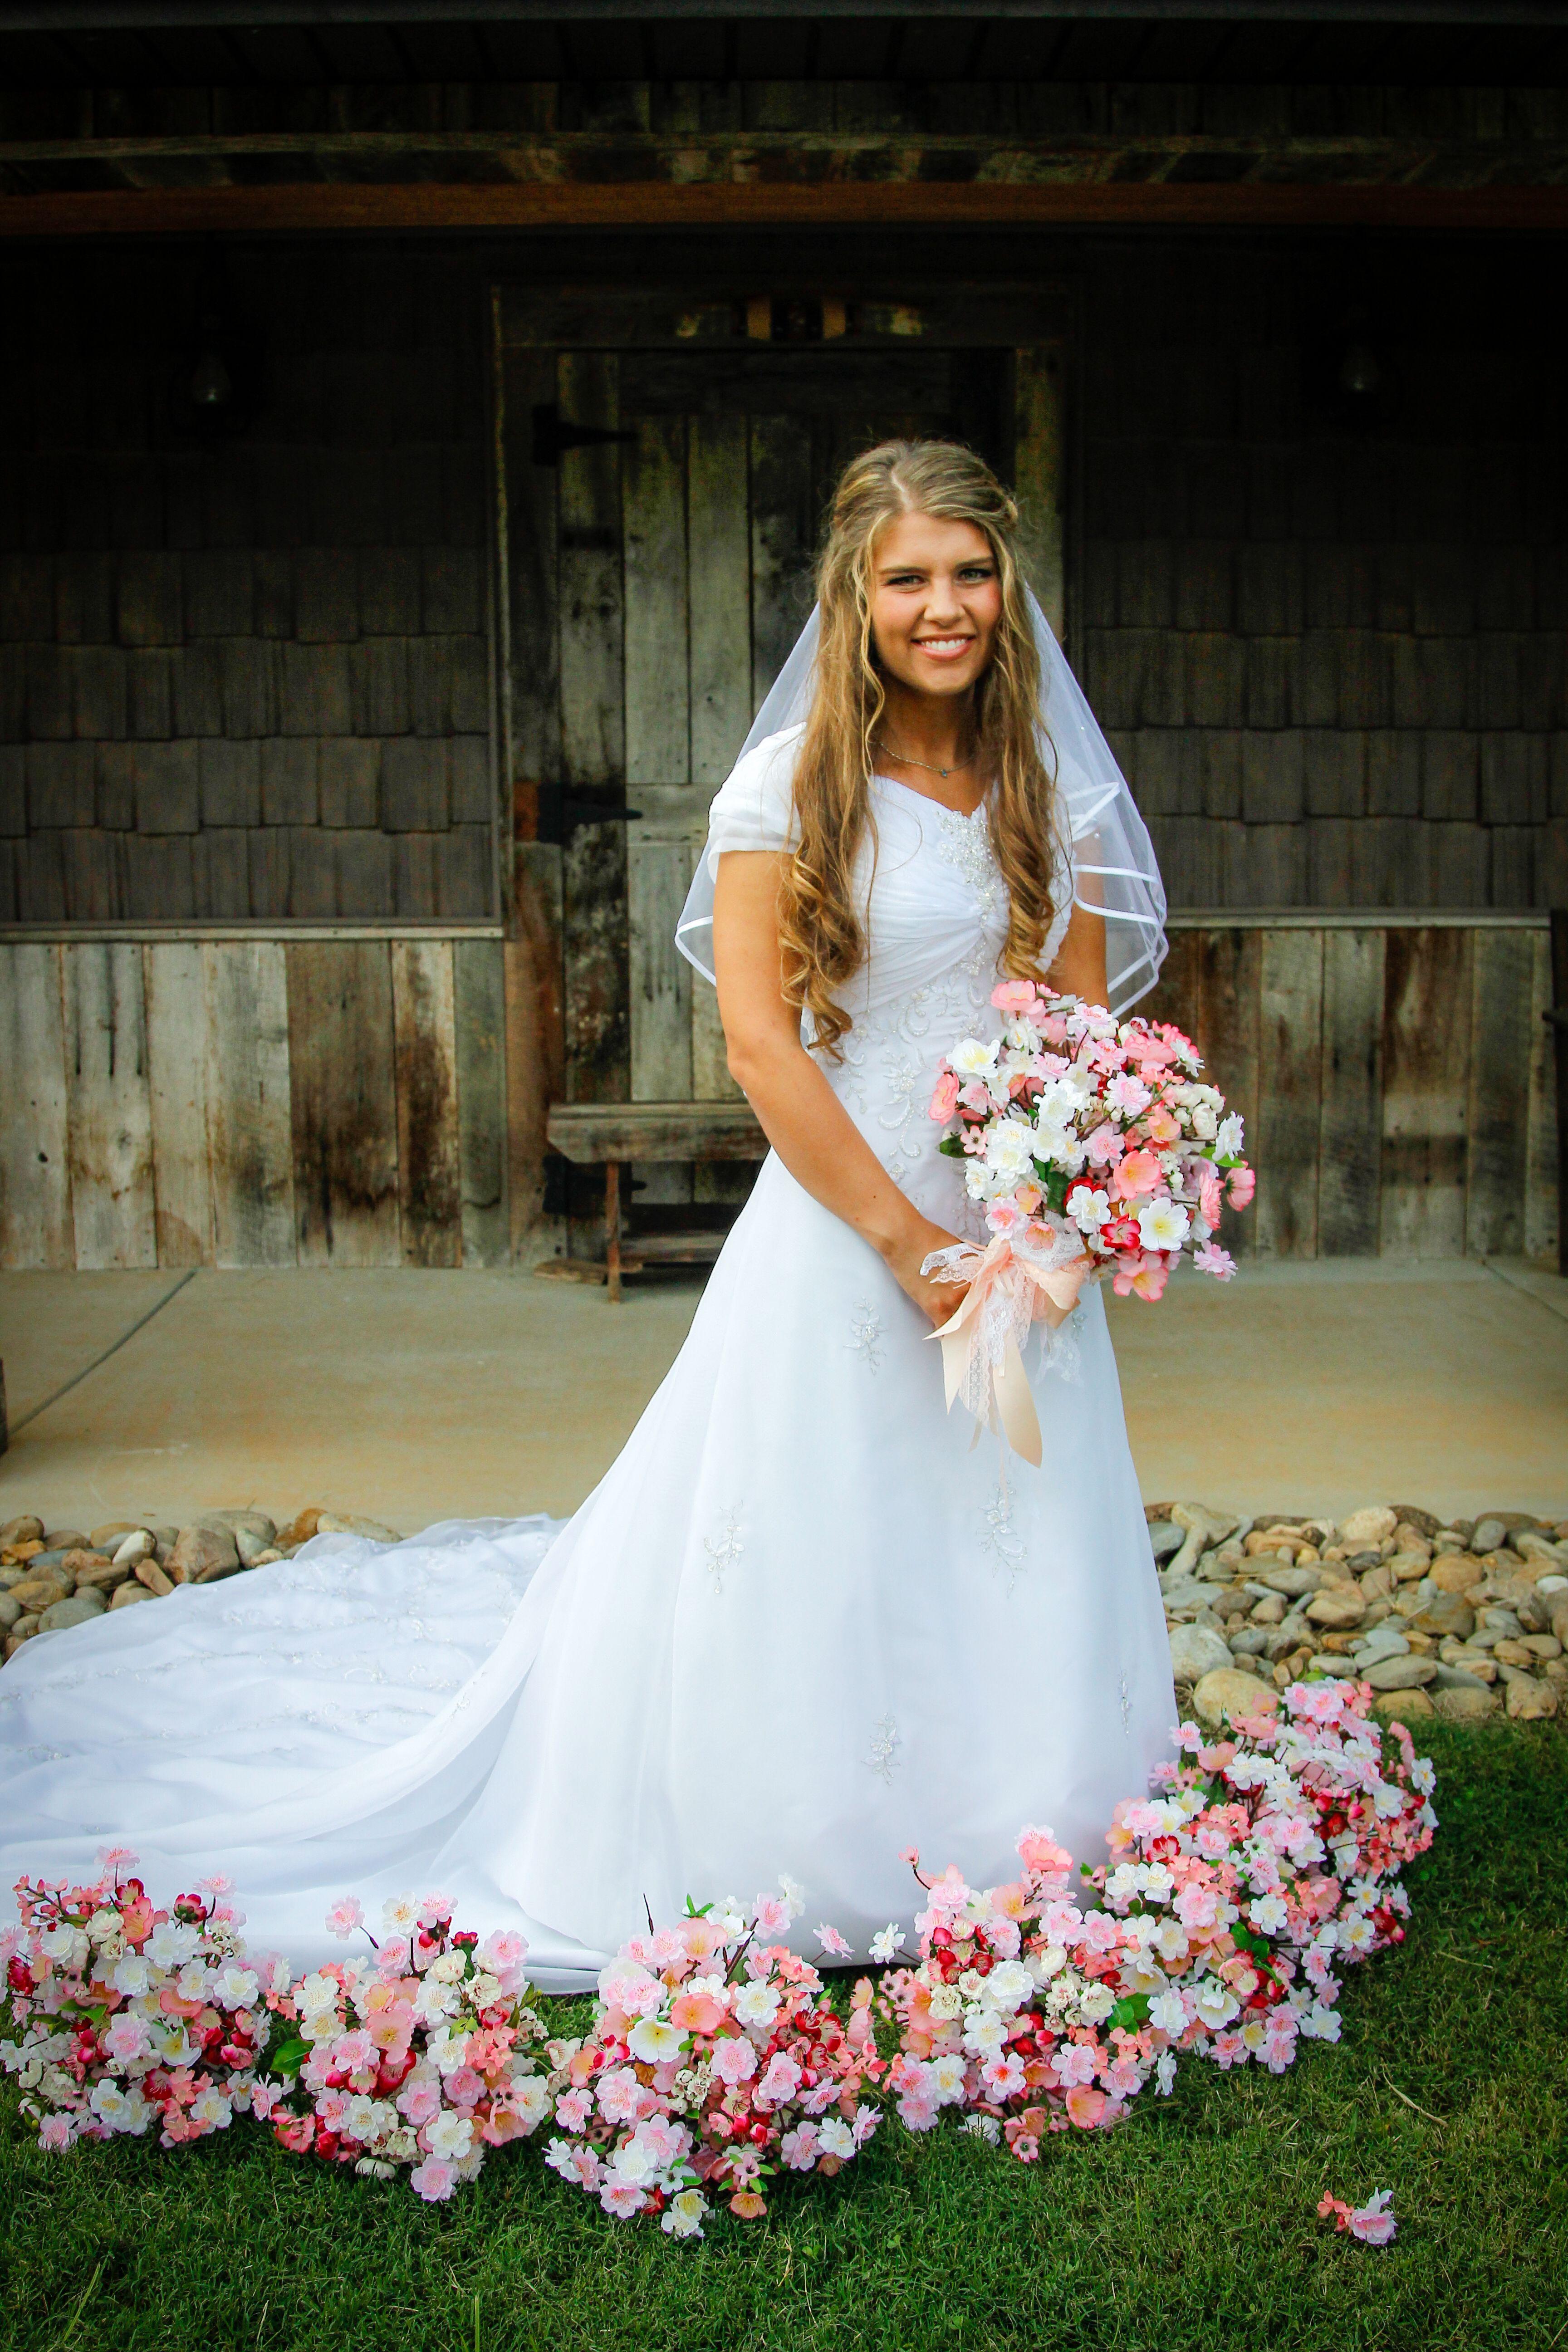 Http Brandonlovesmichaela Com Wp Content Uploads 2015 11 A 14 Jpg Duggar Wedding Wedding Our Wedding,Plus Size White Short Wedding Dress